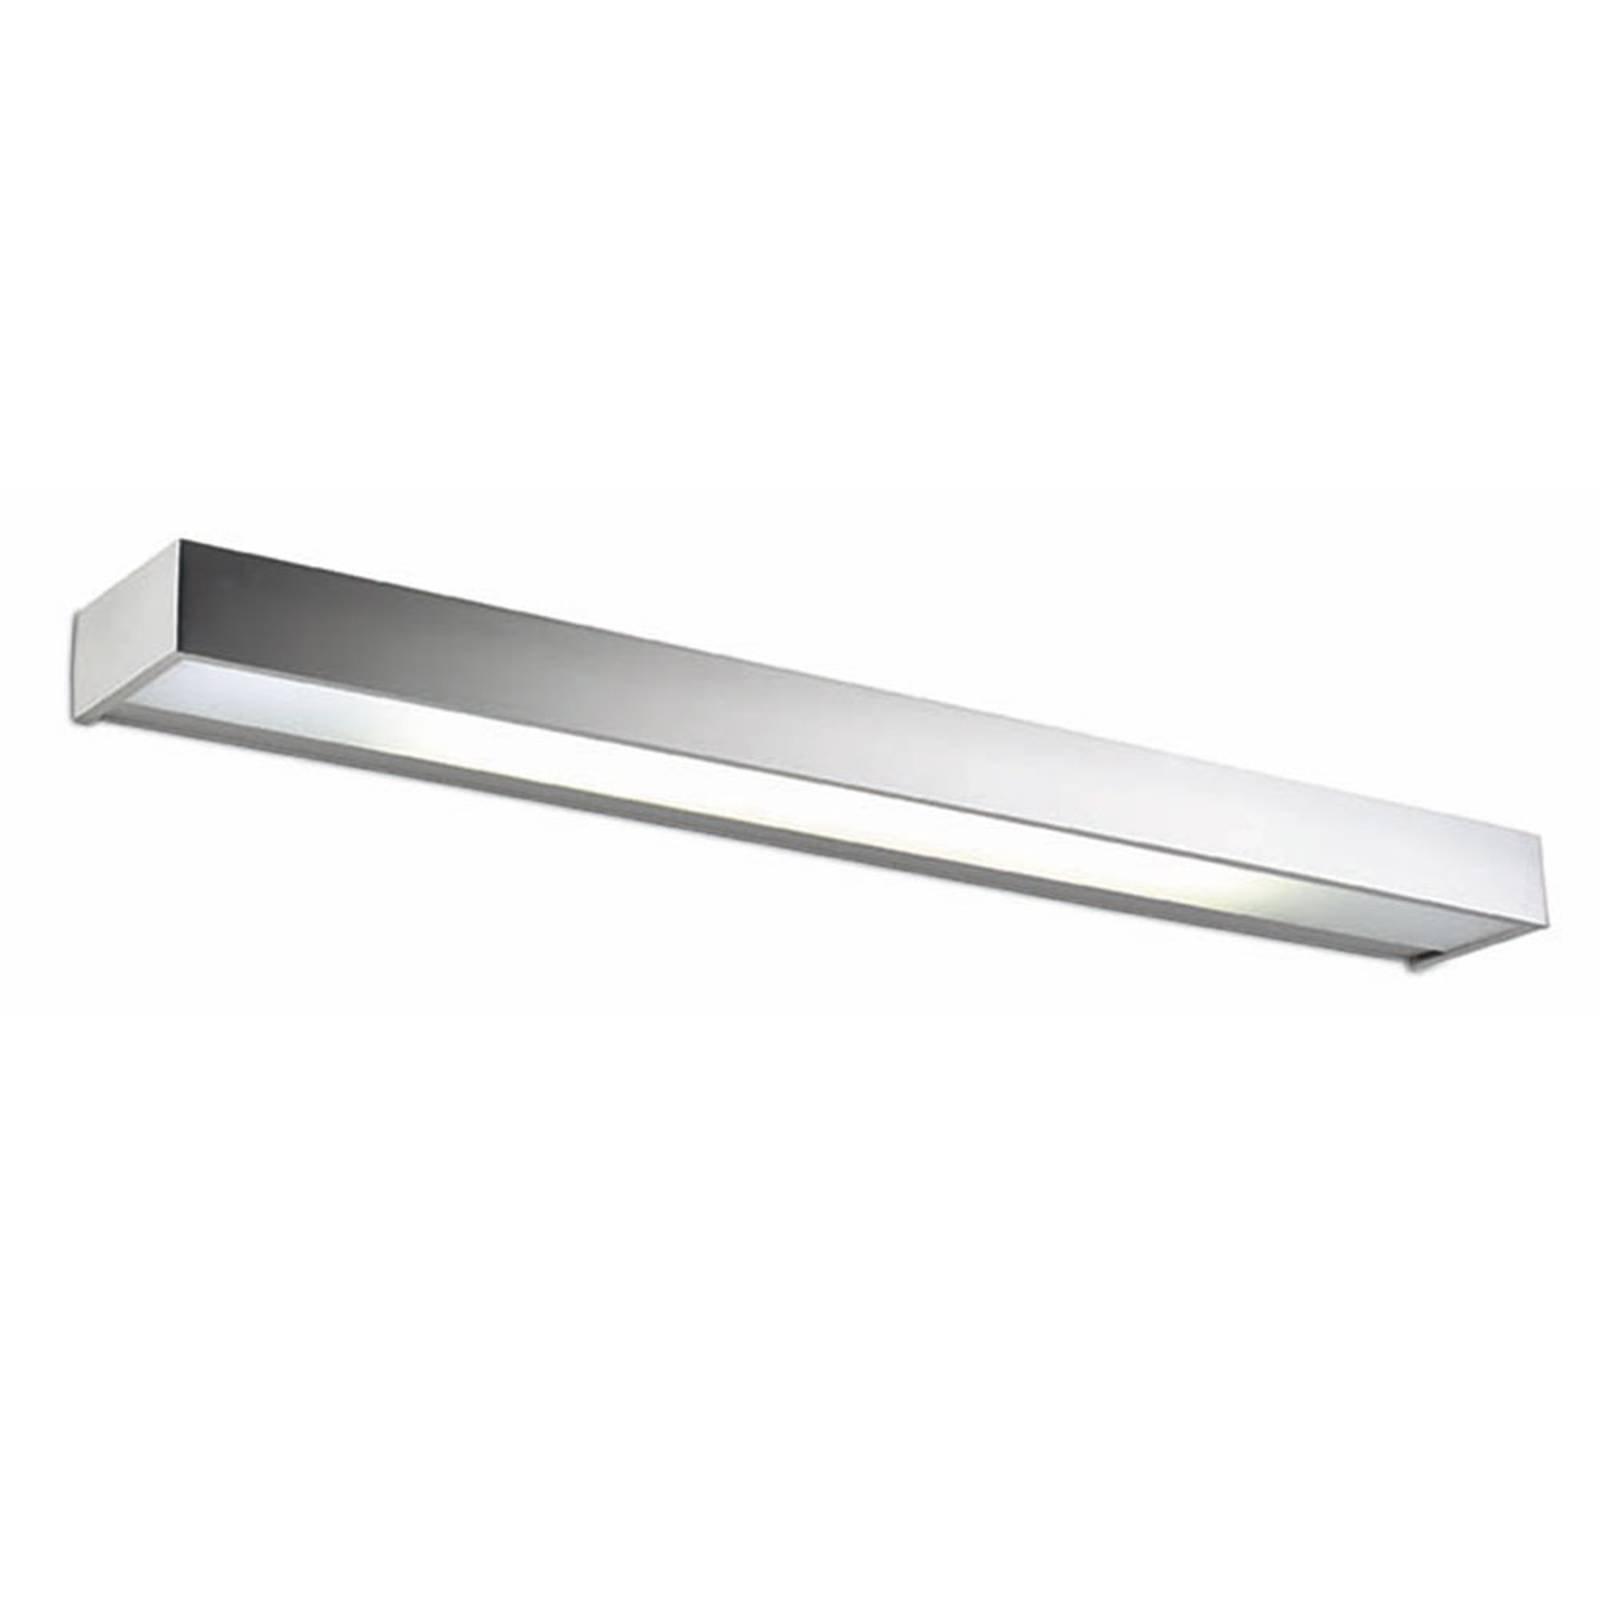 Utmerket LED-vegglampe Apolo, 80 cm nikkel